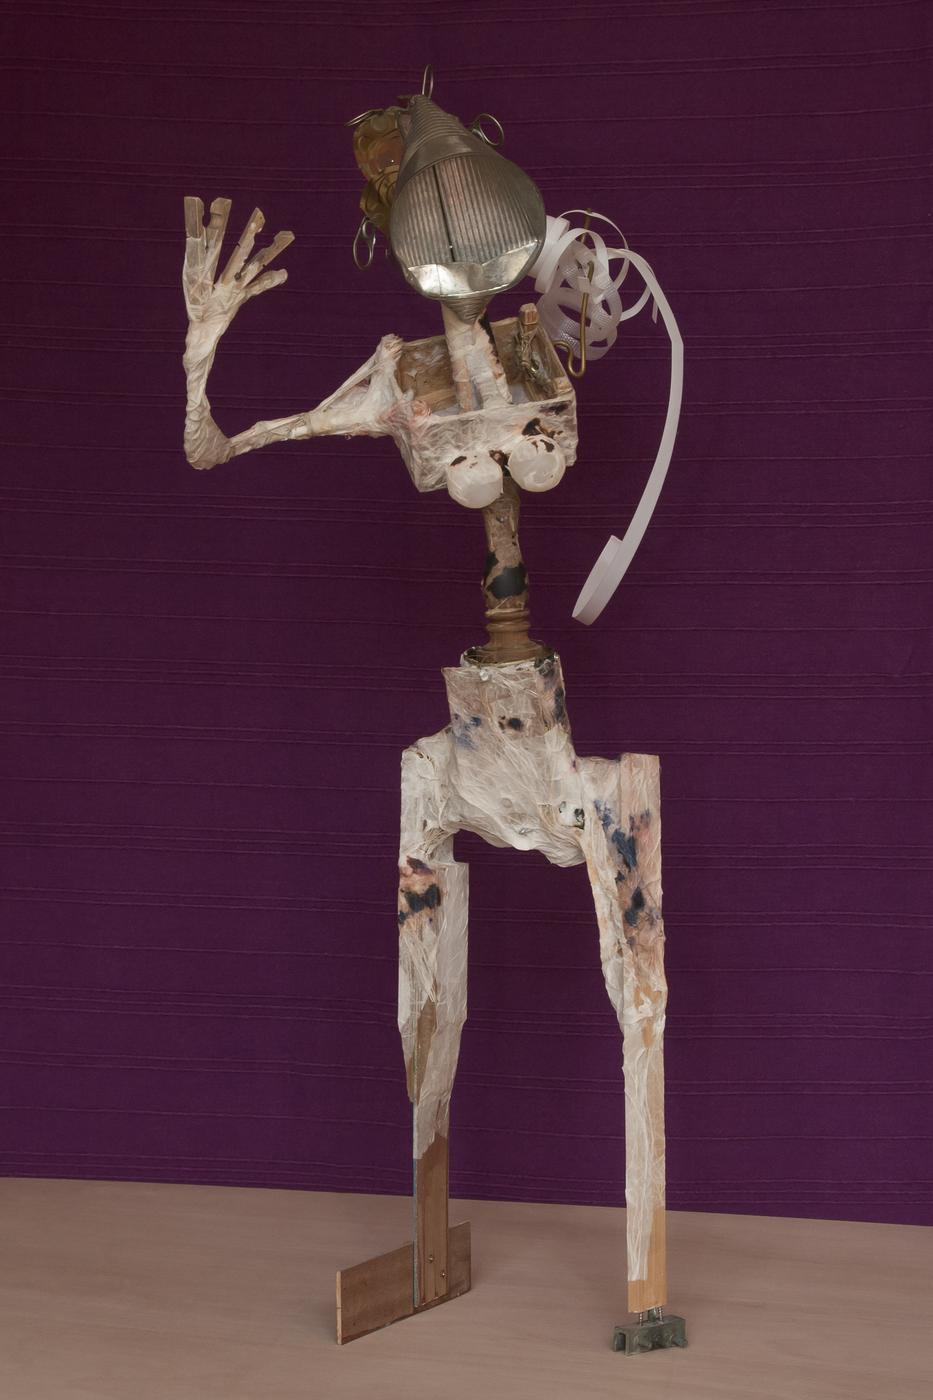 Ladislau da Regueira | Espaciand'o Tempo | As três deusas: A.A.G (2005)